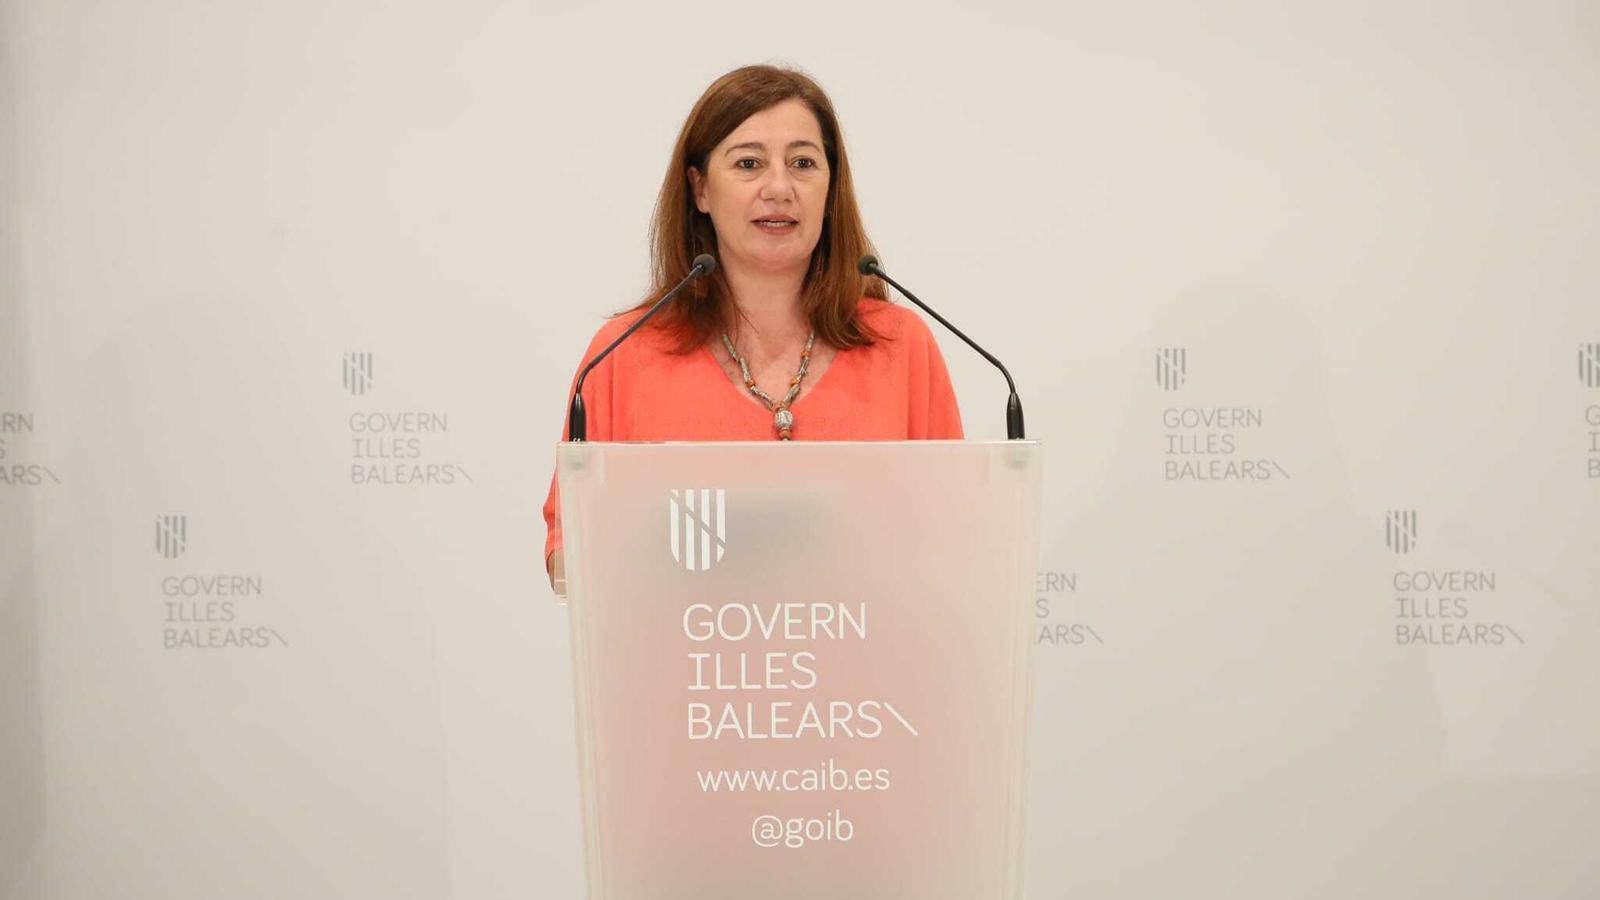 La presidenta del Govern balear, Francina Armengol, durant la seva compareixença aquest diumenge